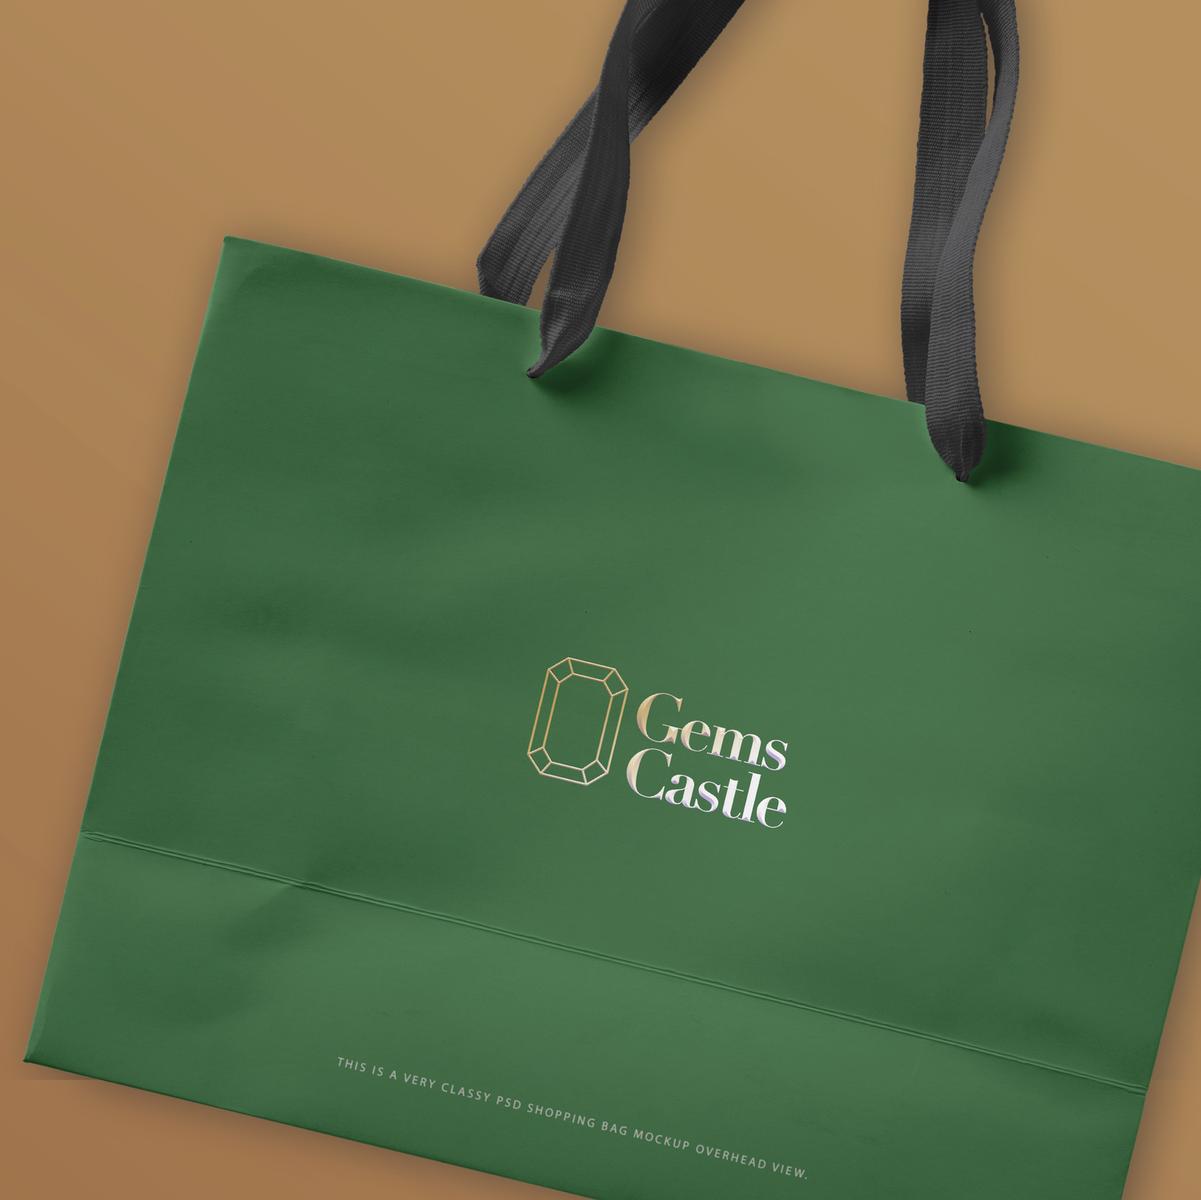 Branding for Gems Castle